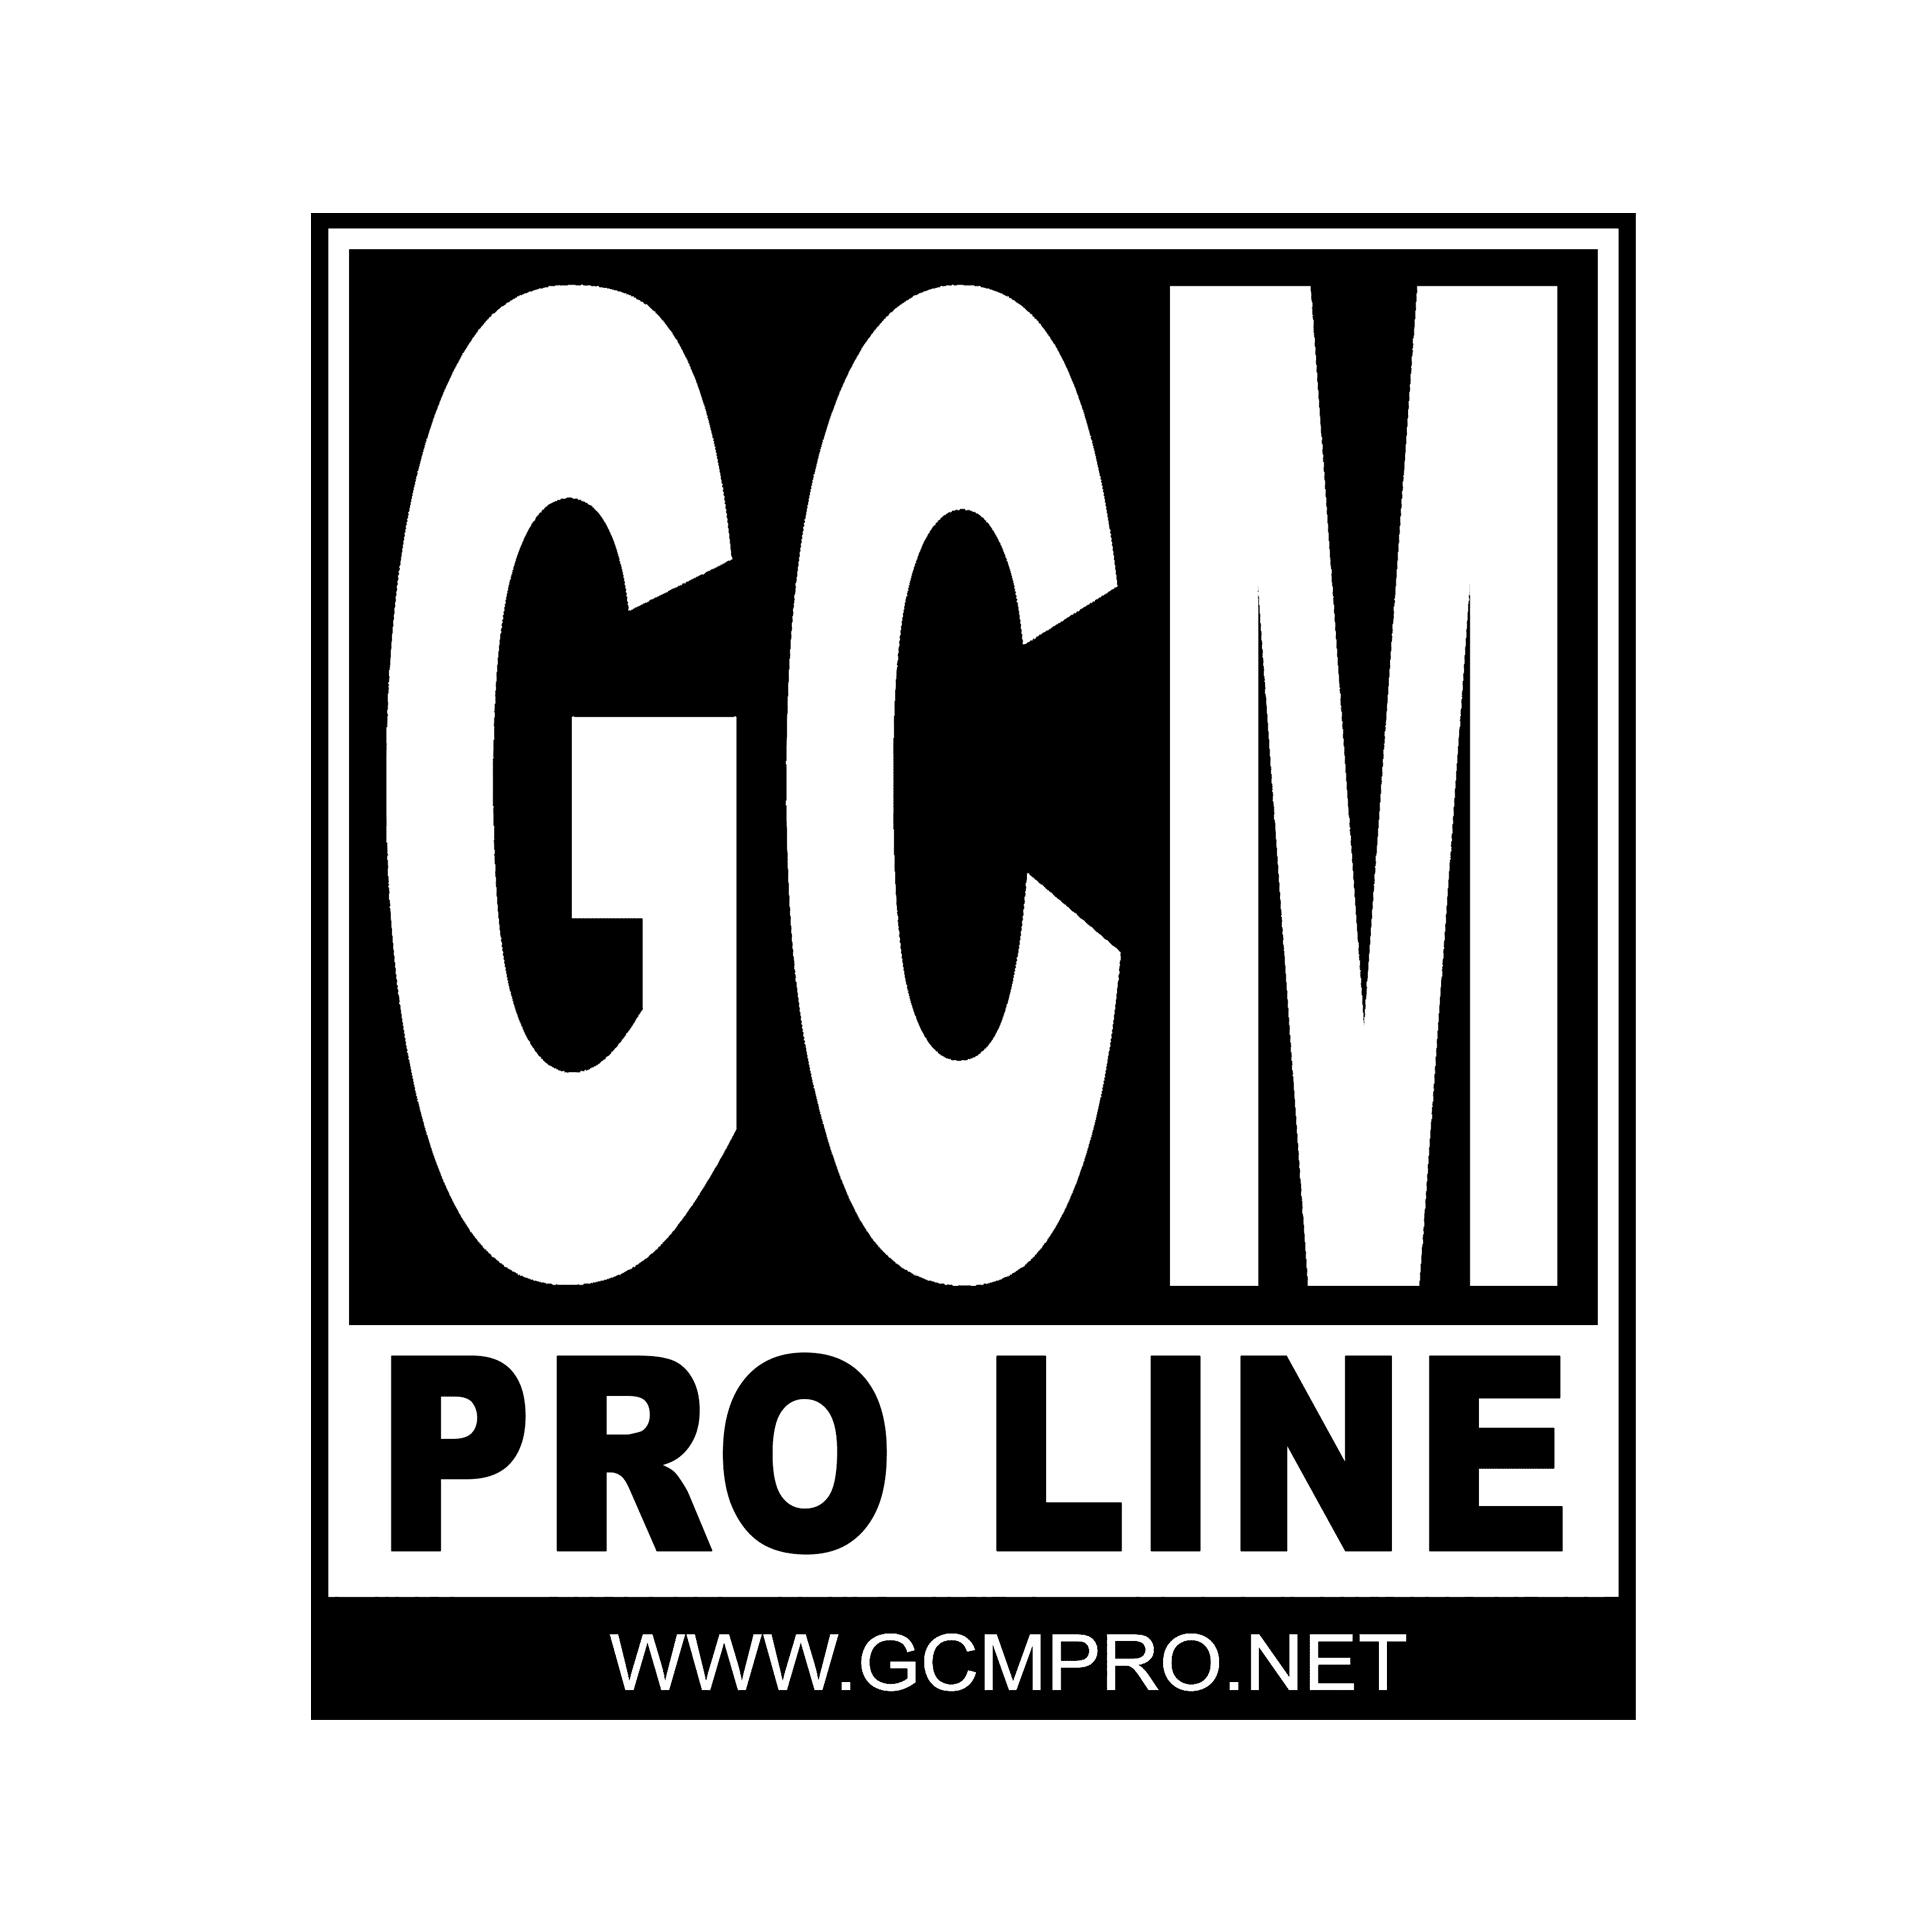 (c) Gcmpro.net